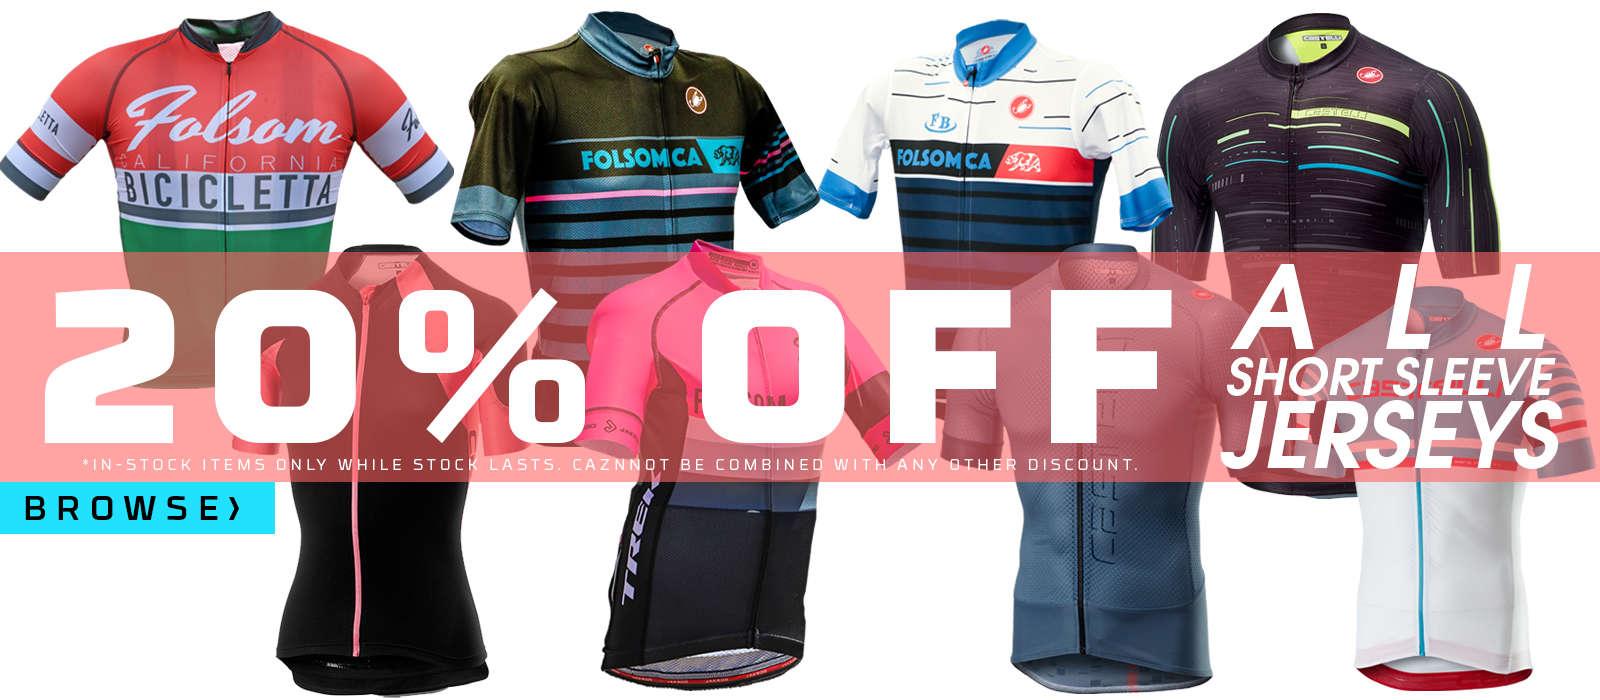 20% off all short sleeve jerseys